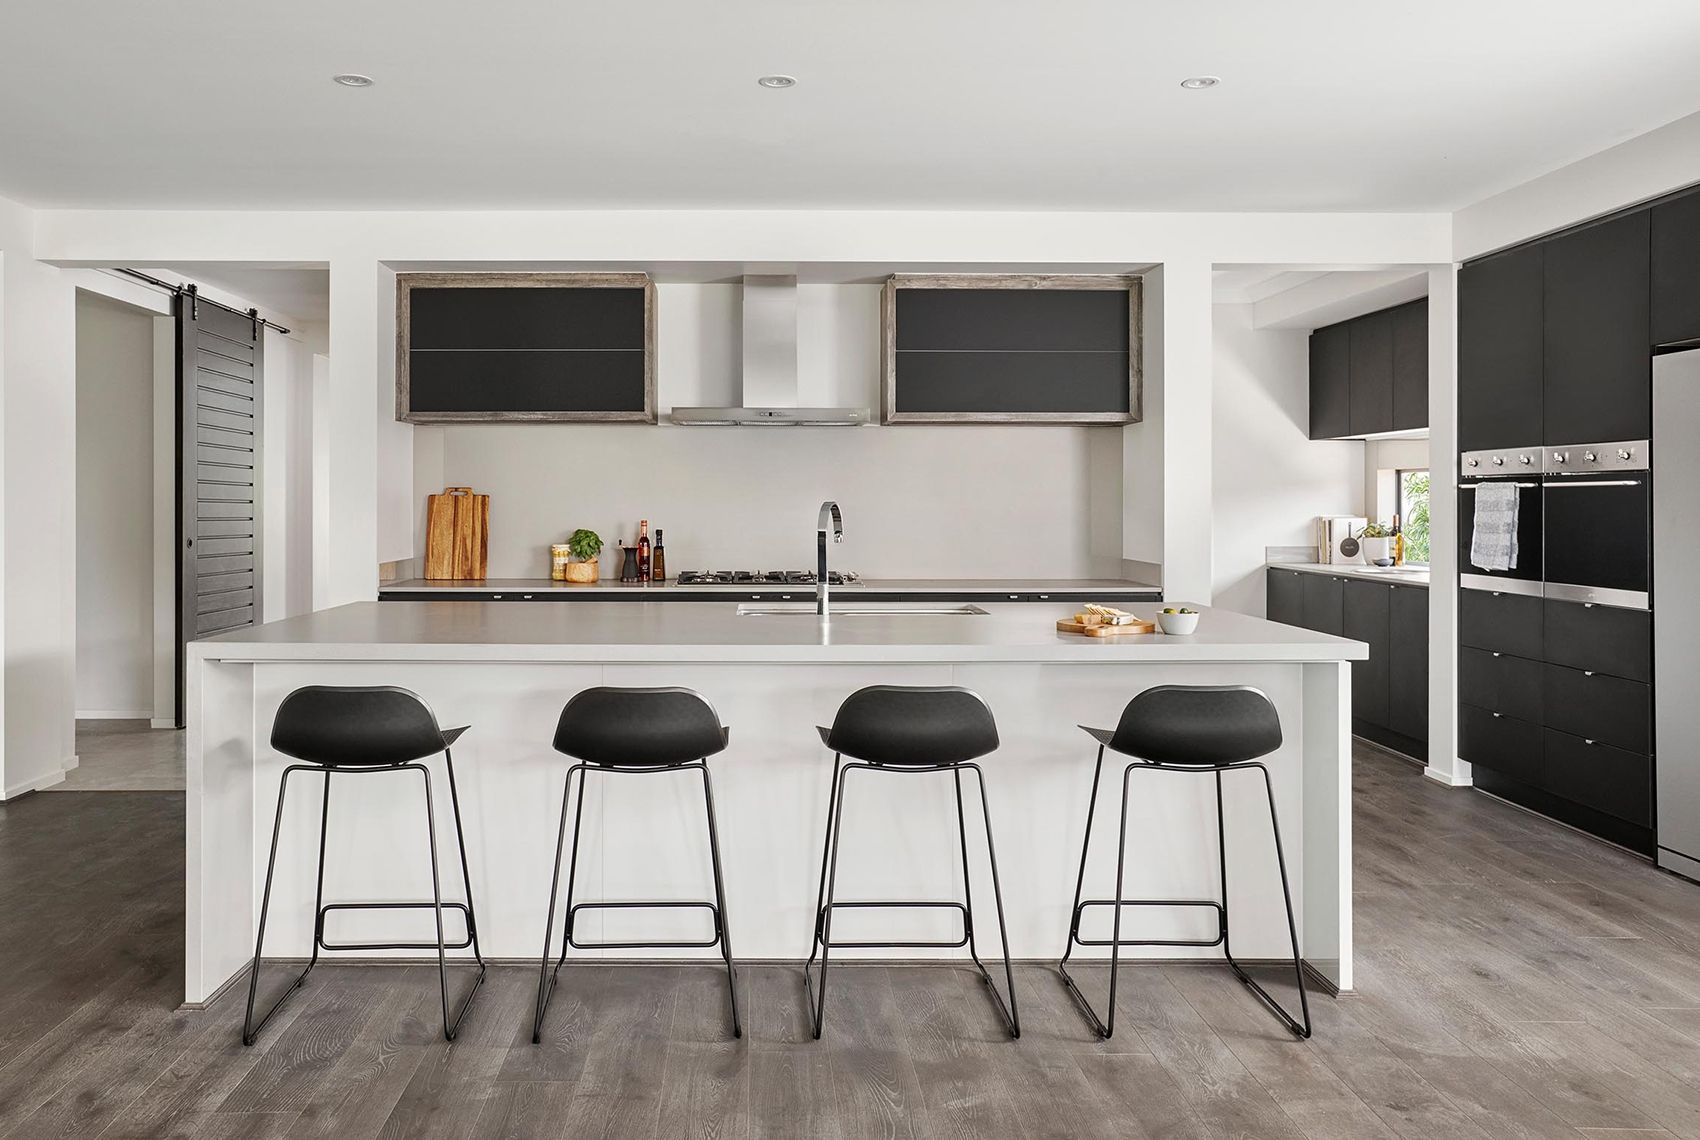 Bentley 42 Kitchen New home designs, House design, Kitchen